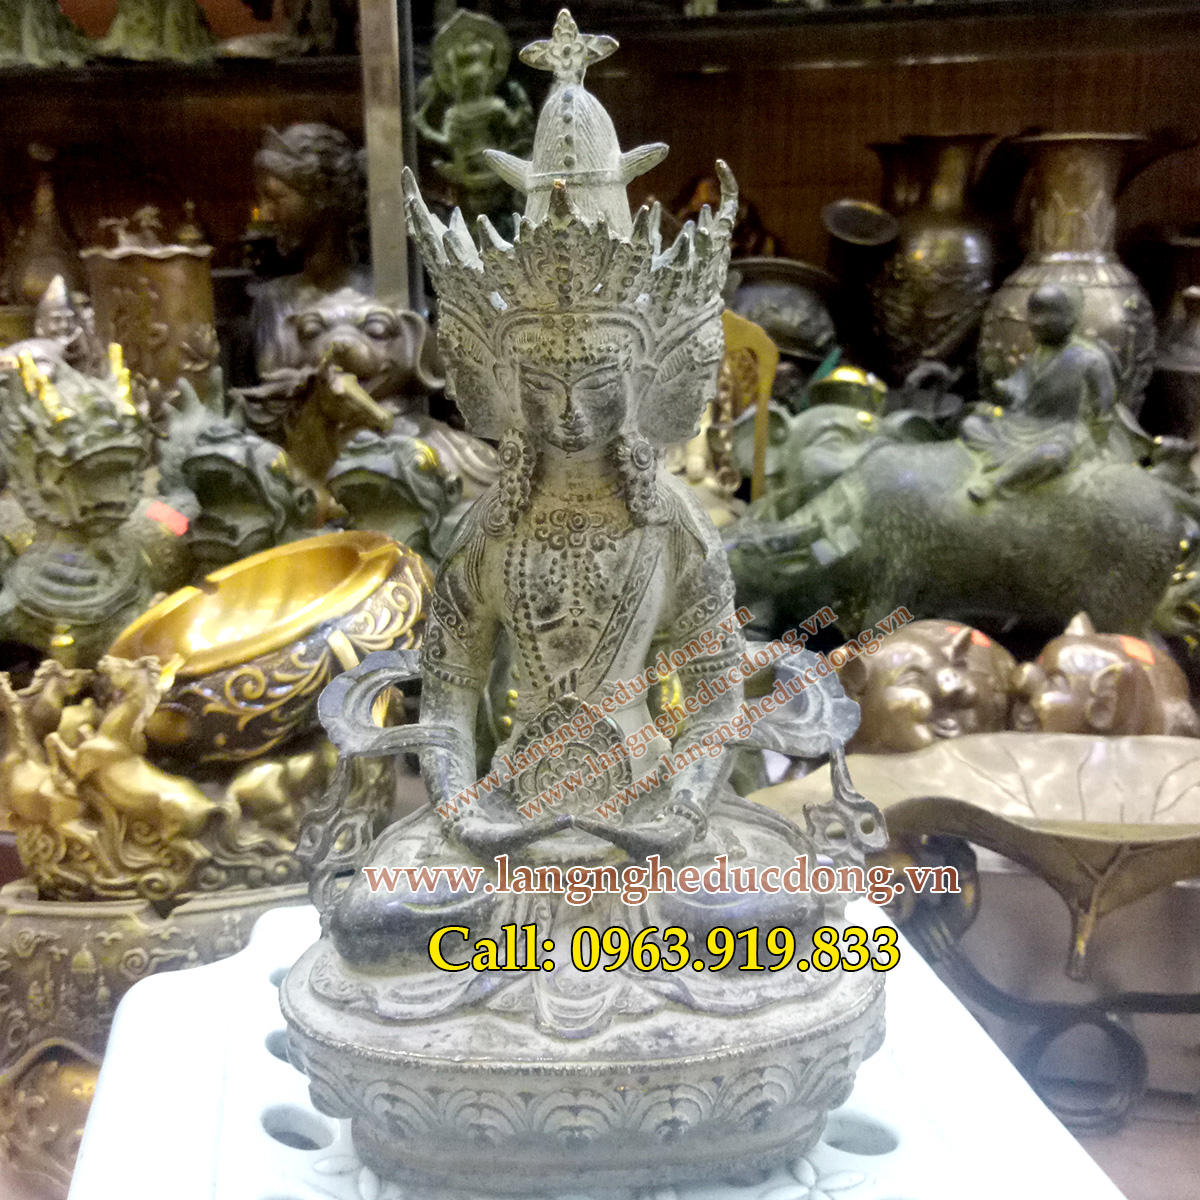 langngheducdong.vn - tượng phật, tượng đồng, tượng thờ cúng, tượng phật giả cổ